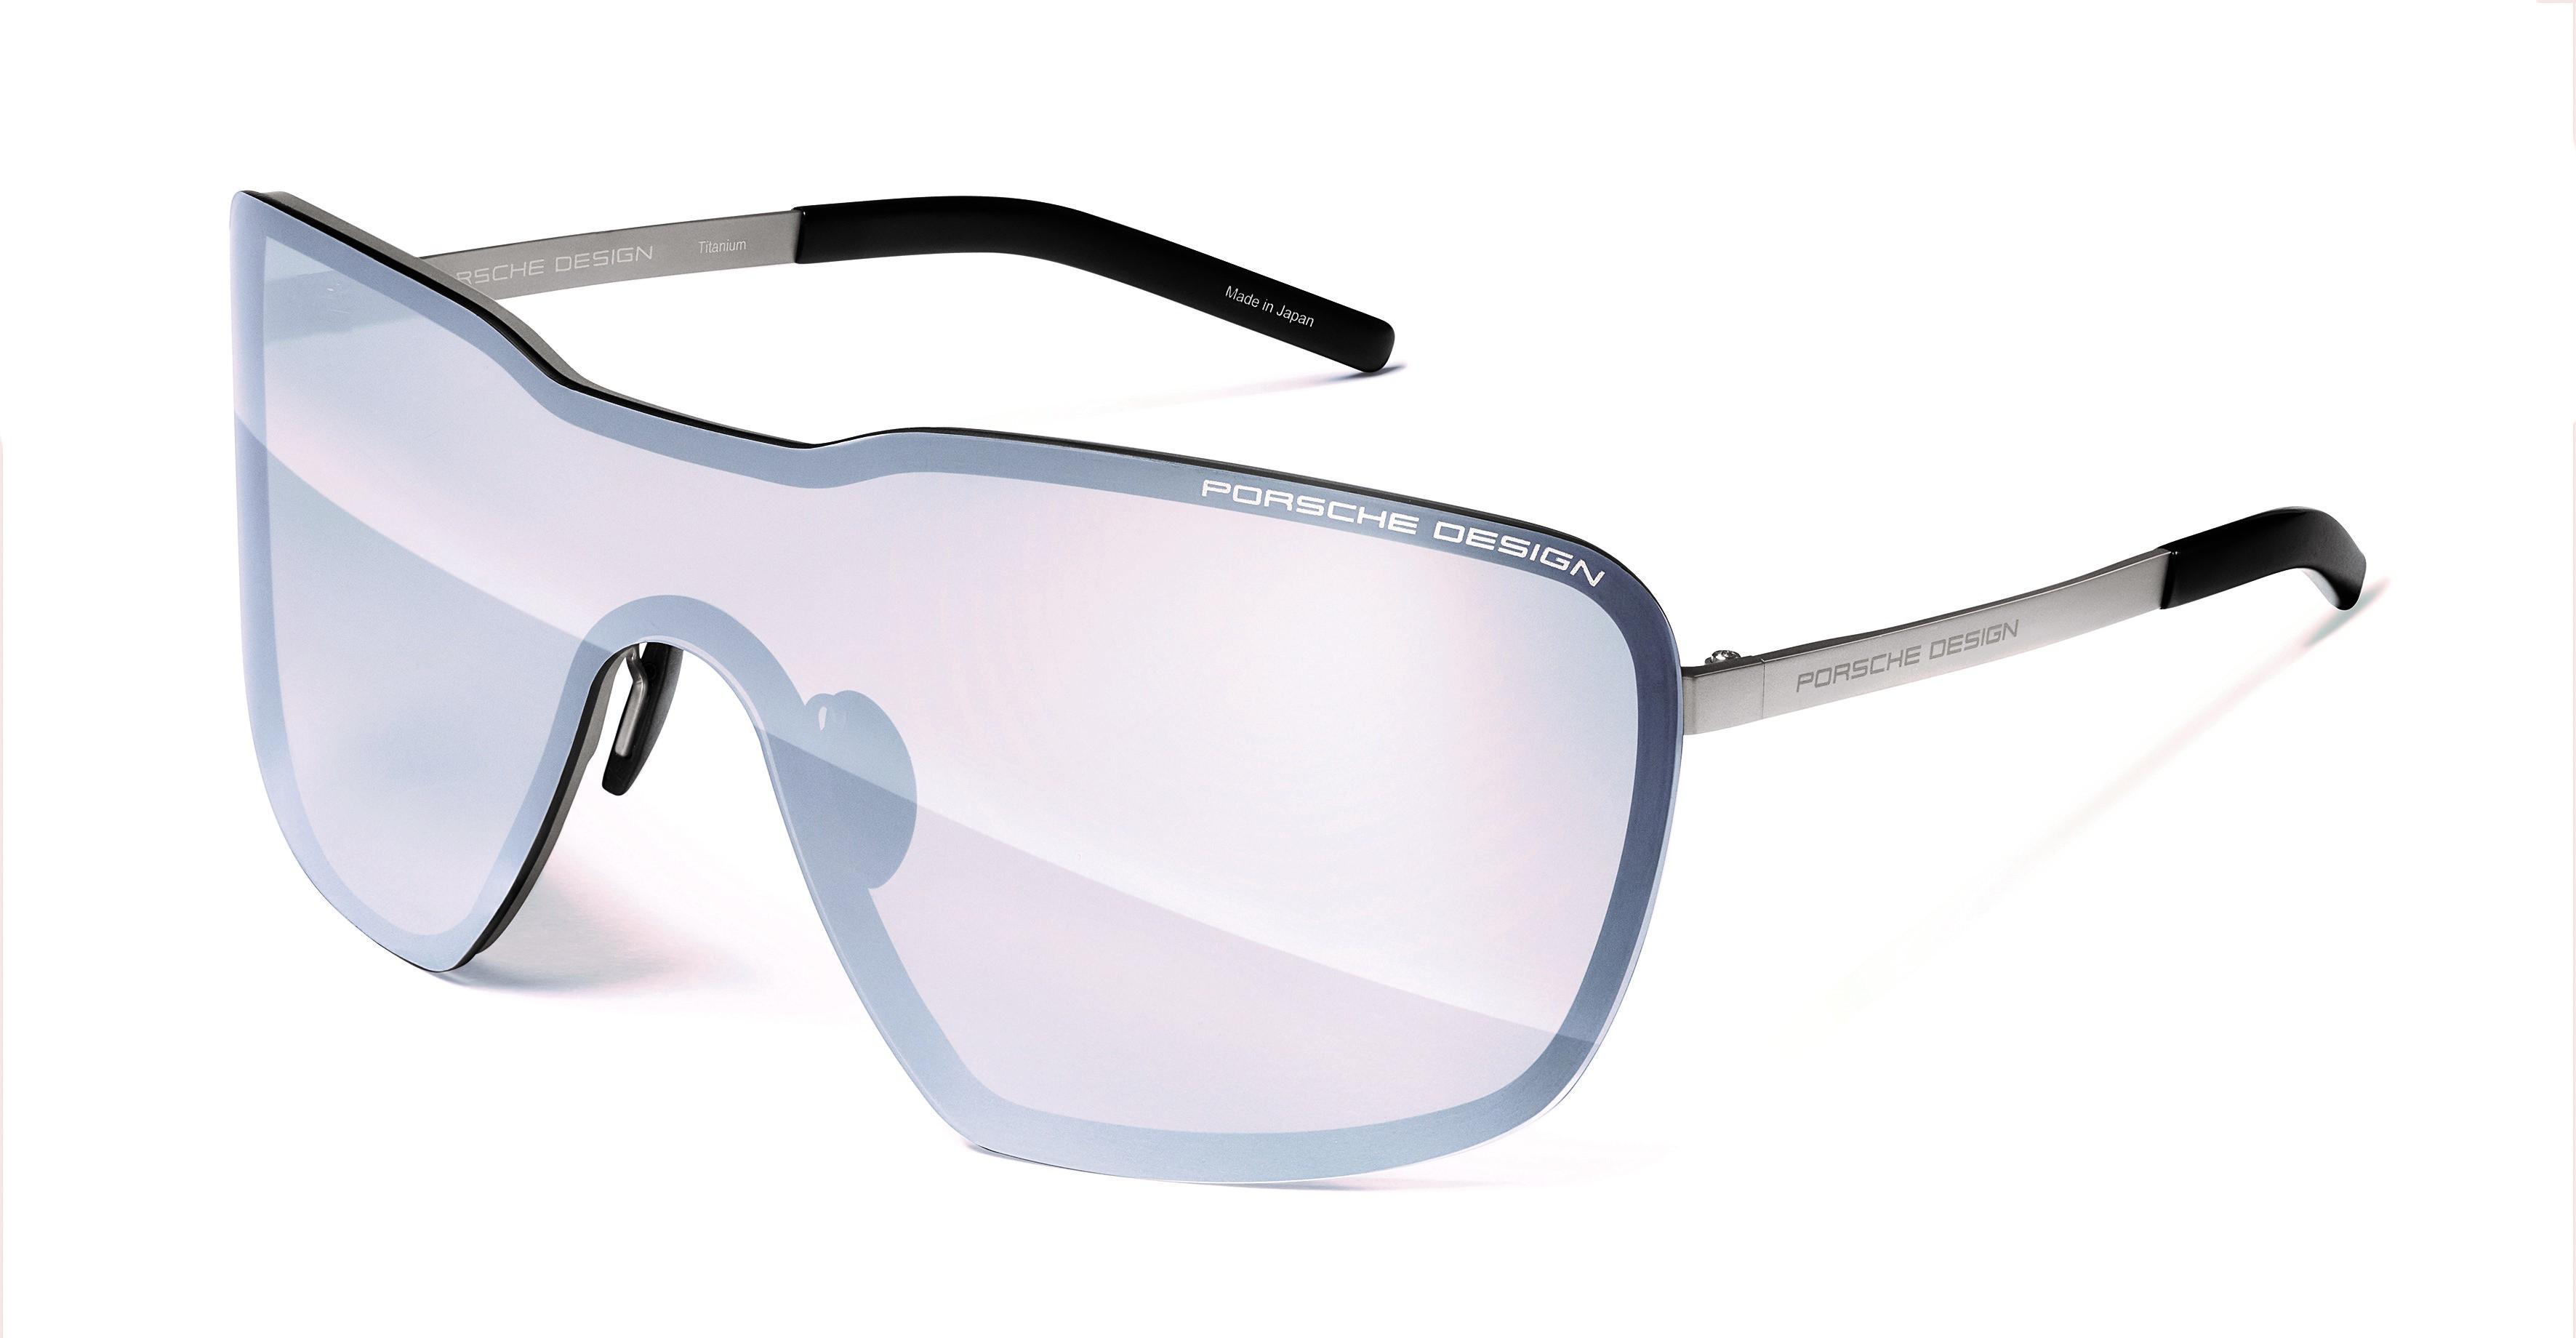 3babde0a95d7ba VUE  werelds eerste smartbril die is ontworpen voor dagelijks gebruik